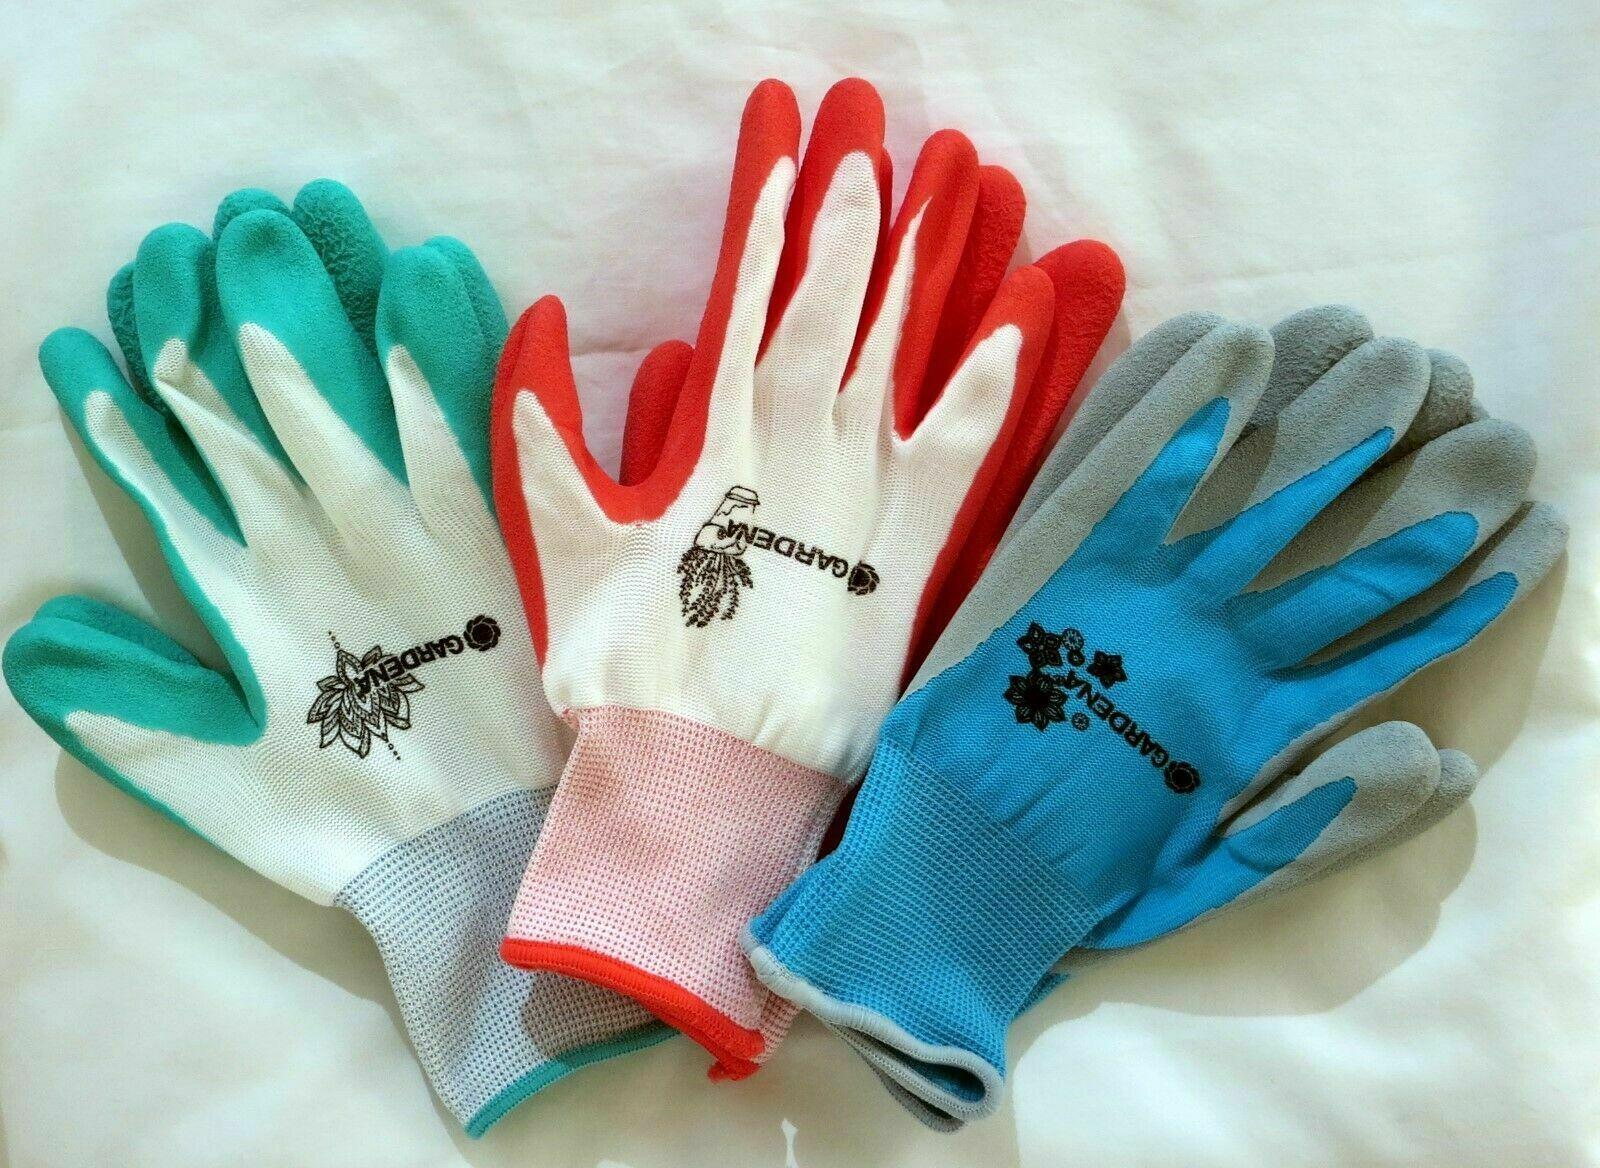 3 Paar GARDENA Gartenarbeit Yards Handschuhe Nitril Getaucht Rutschfest Knit Arm